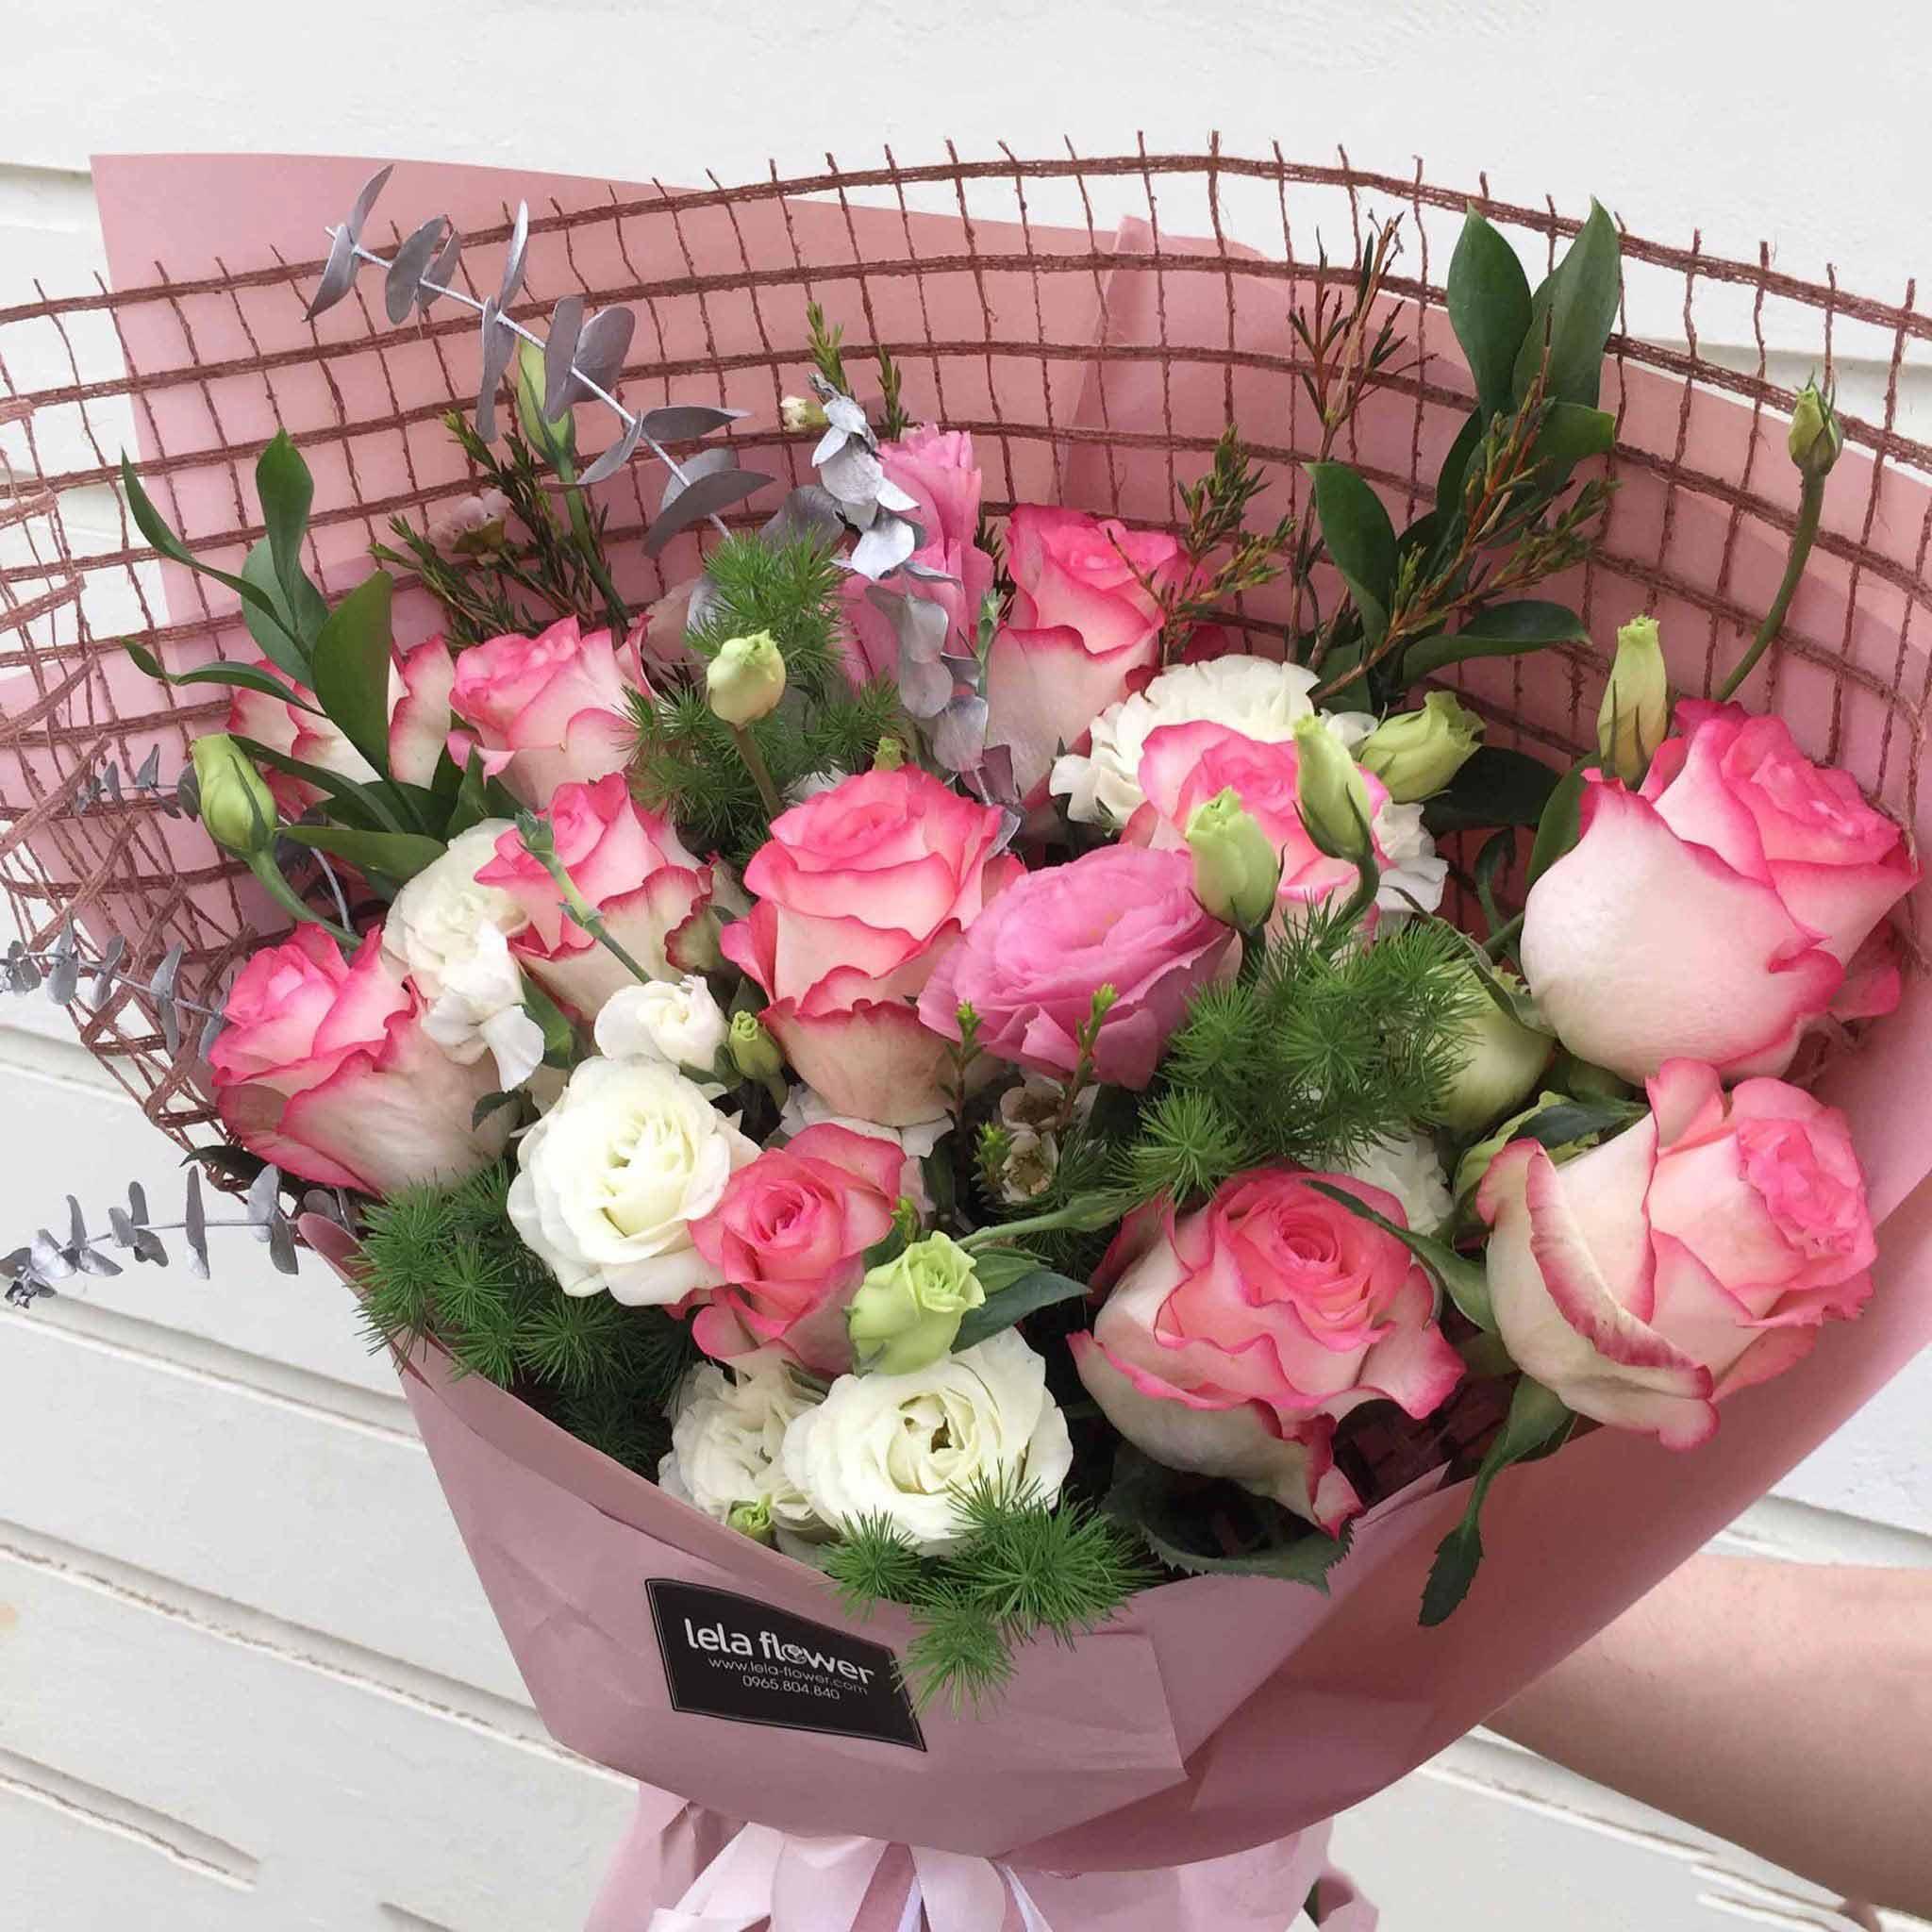 Hoa hồng song hỷ